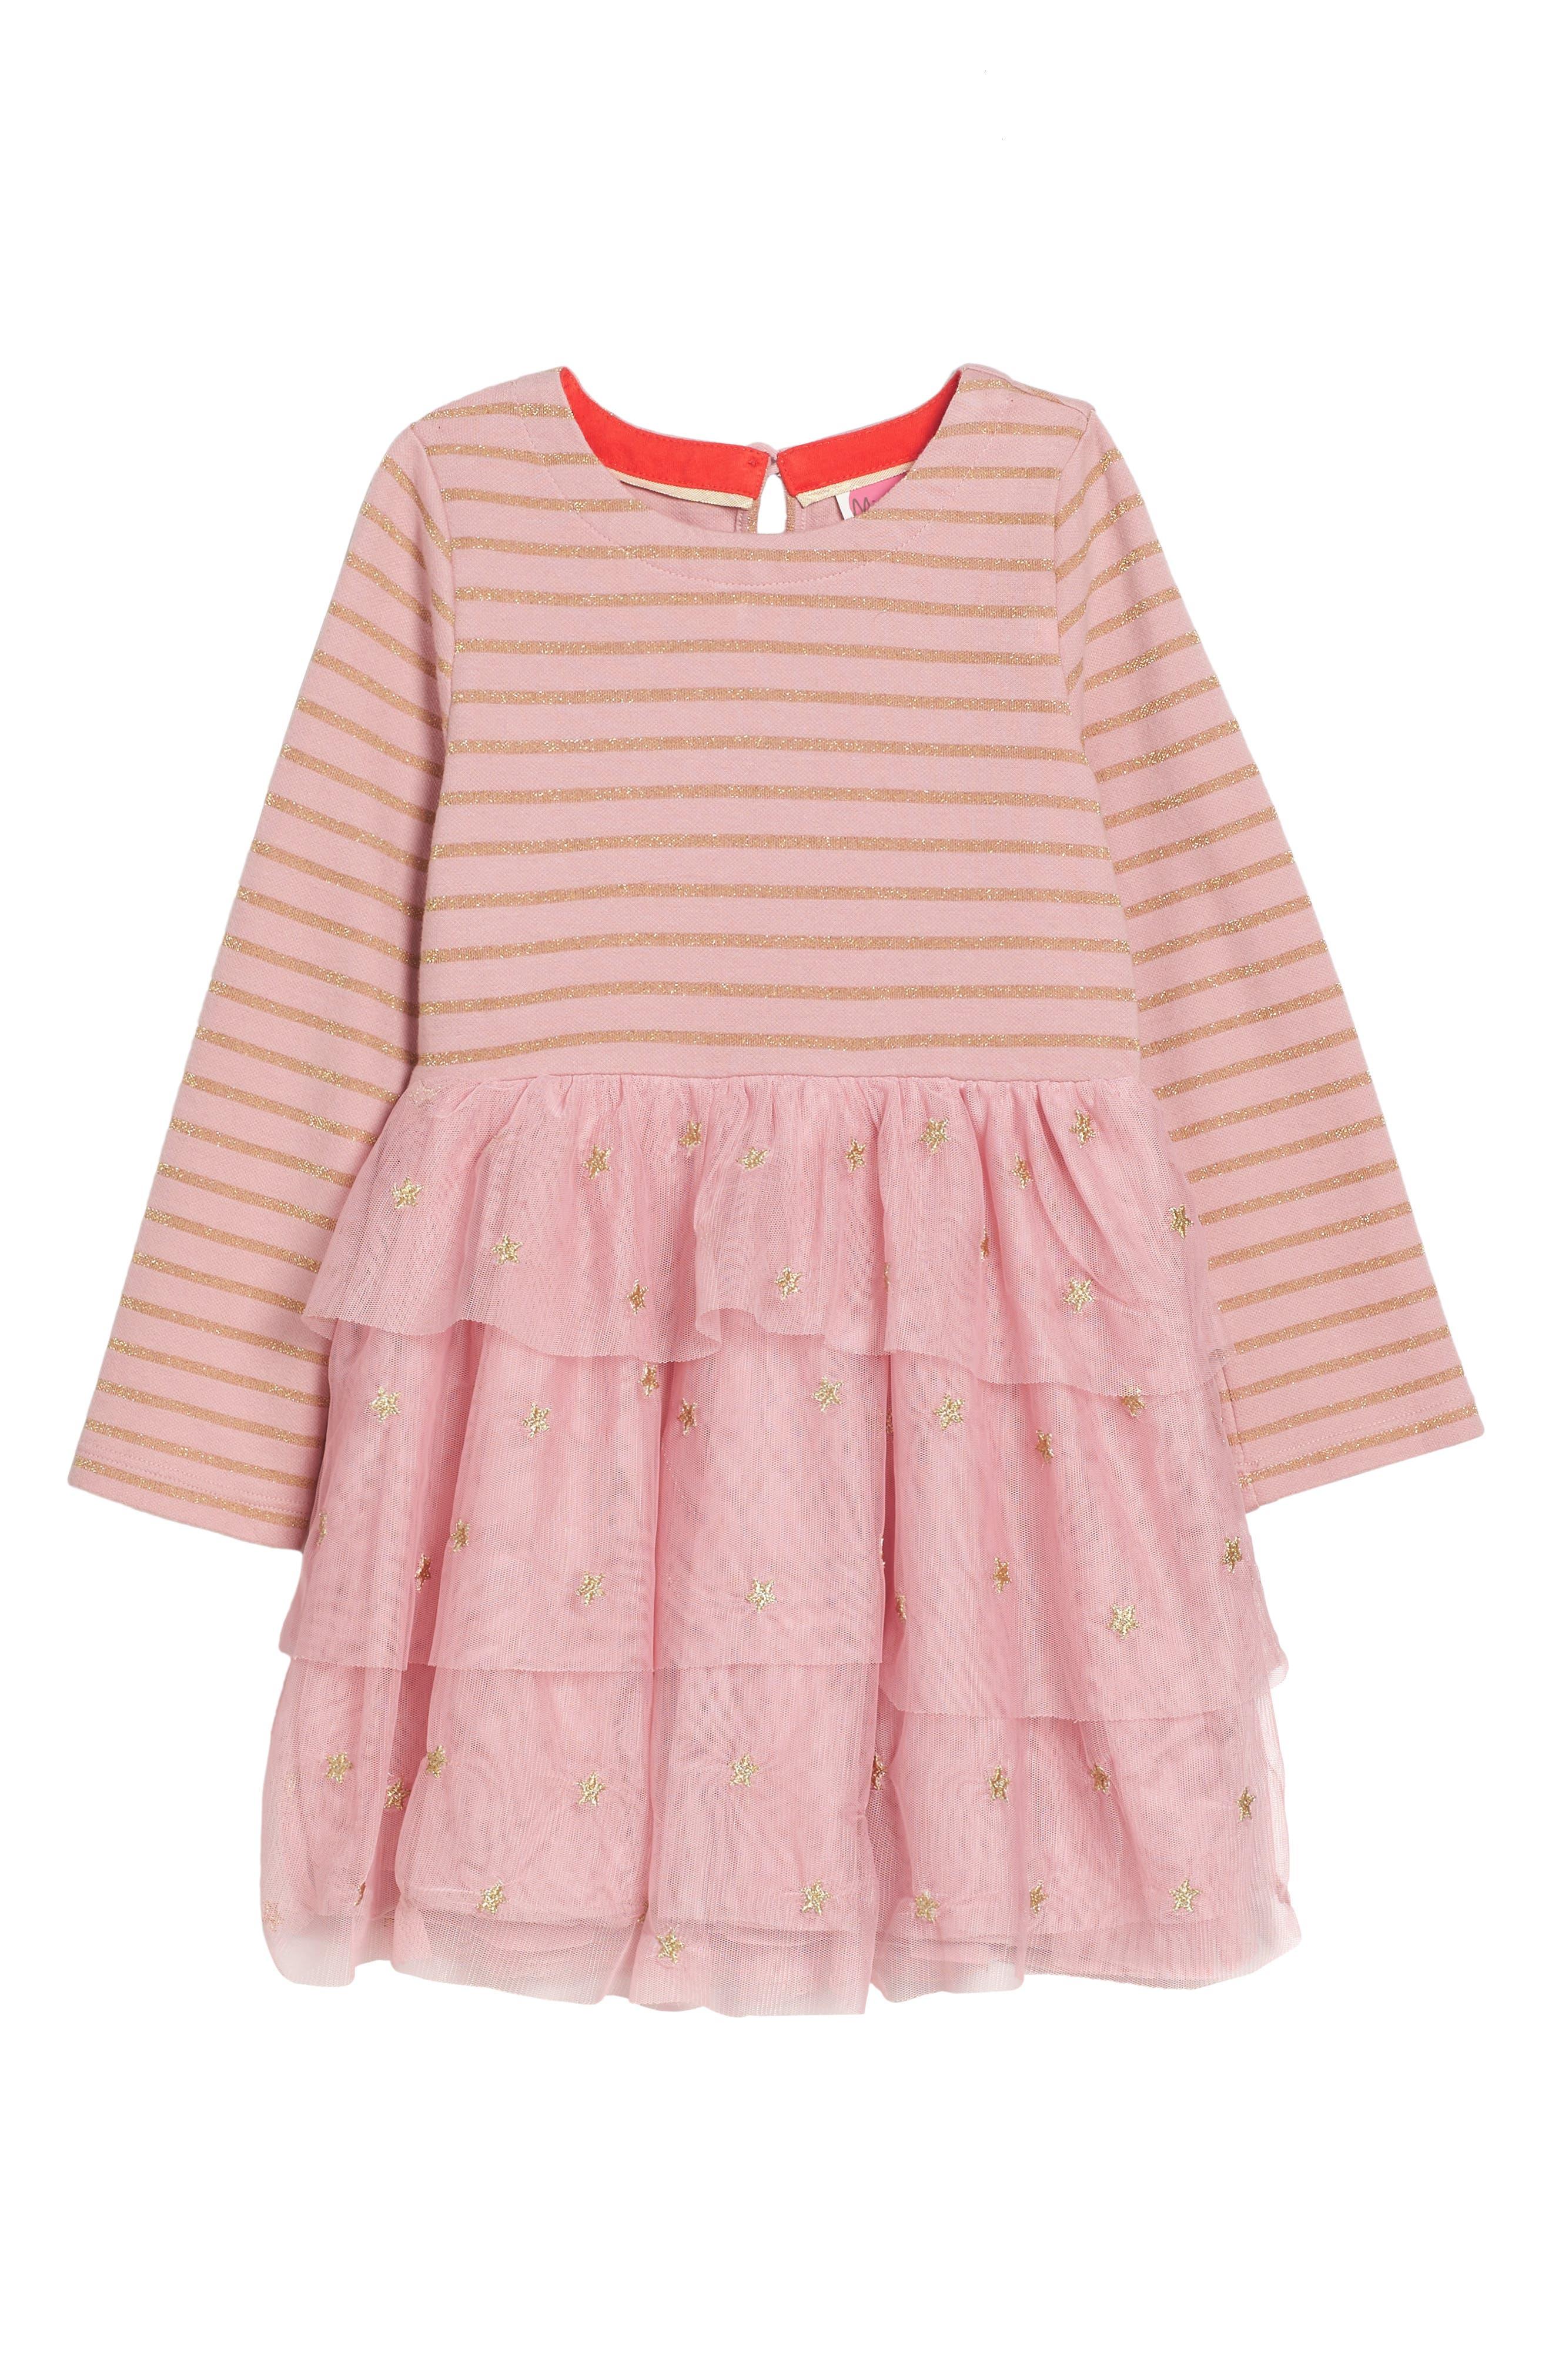 Mixed Media Dress,                             Main thumbnail 1, color,                             Vintage Pink